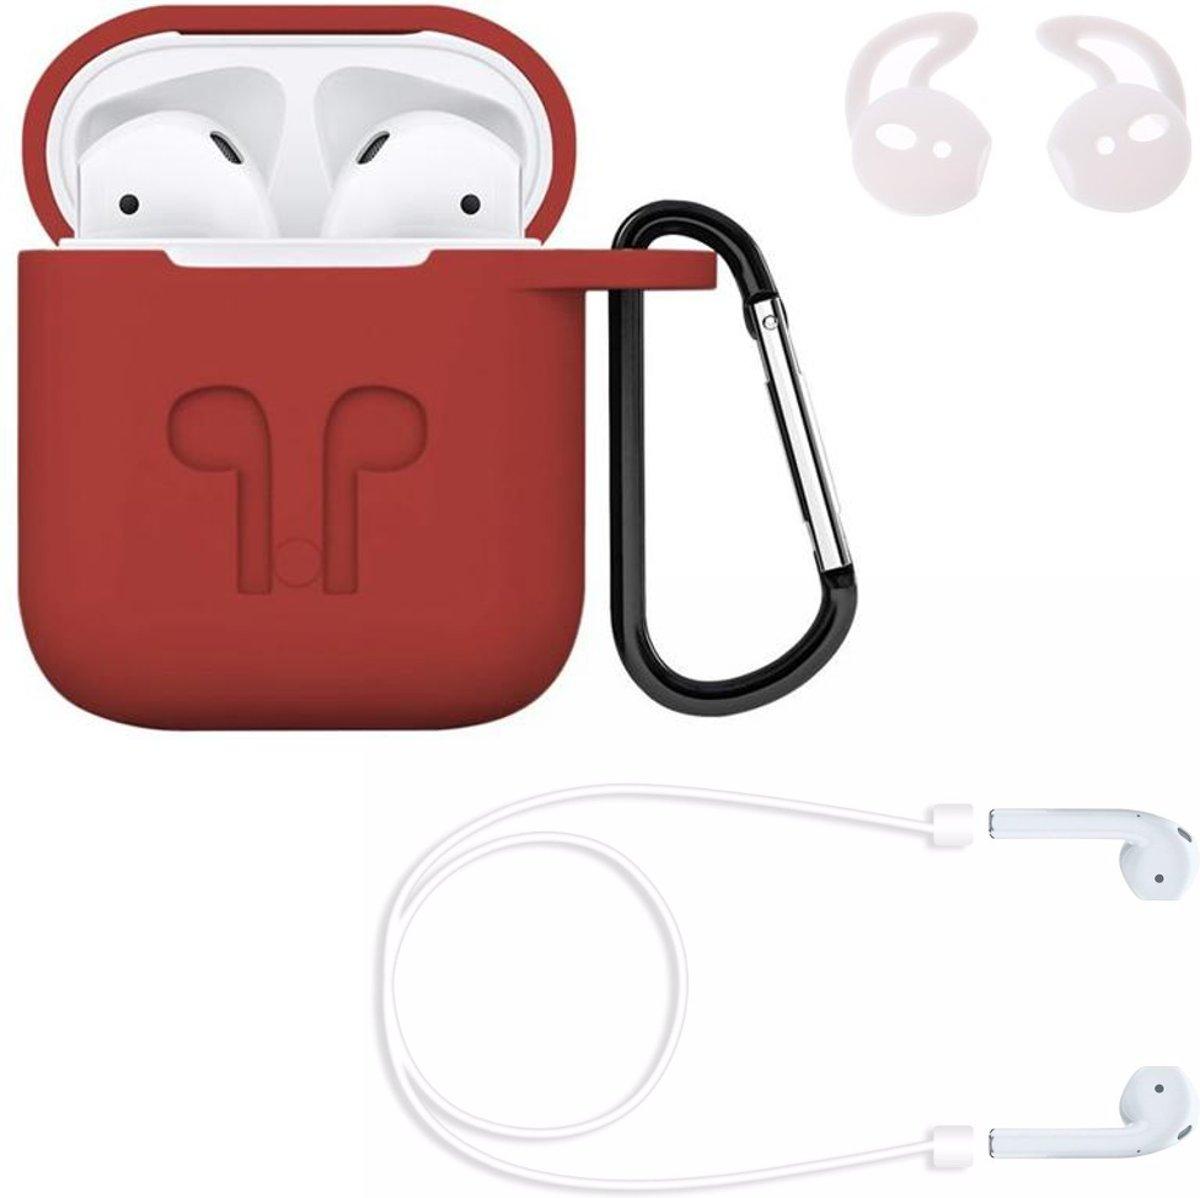 Airpods hoesje siliconen case - 3 in 1 set + strap + earhoox voor Apple Airpods - Rood - KELERINO. kopen